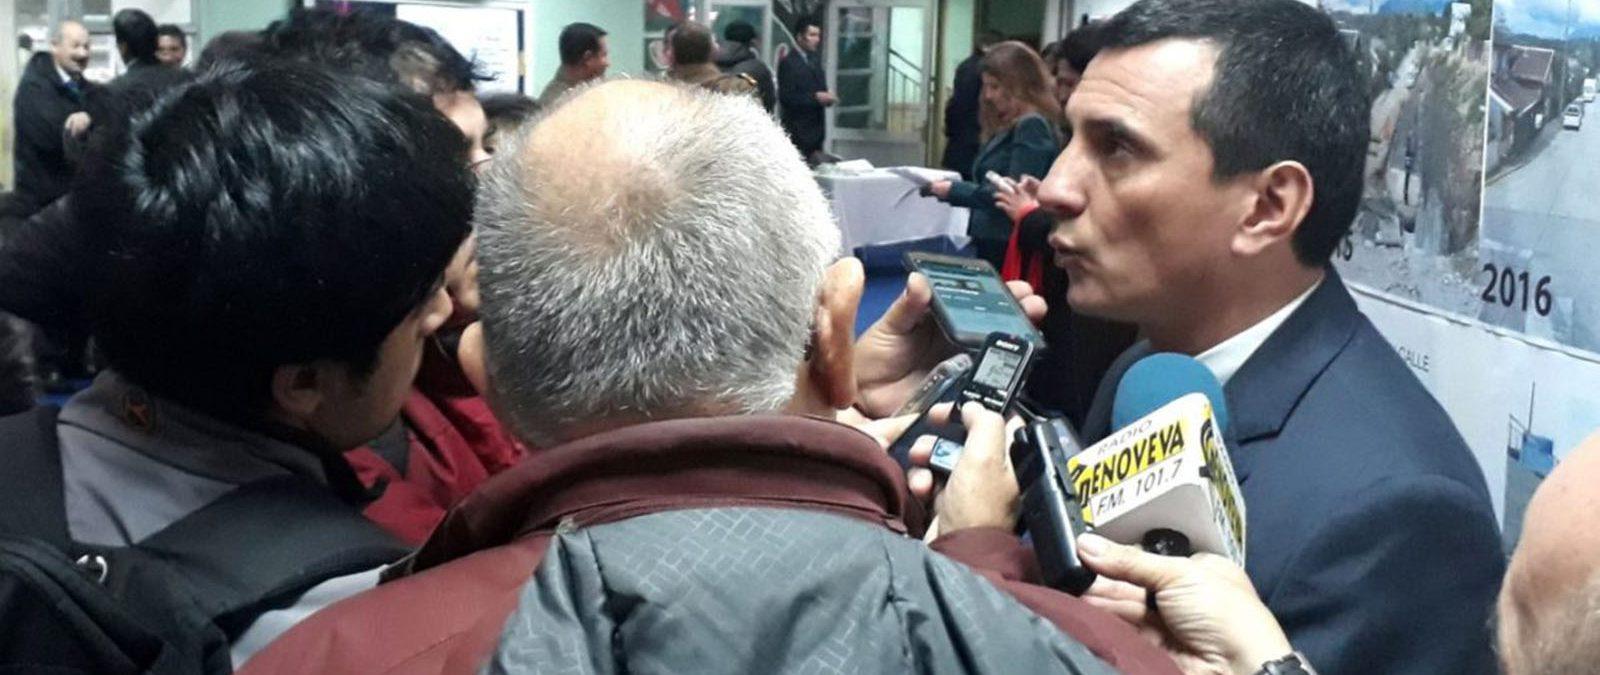 Intendencia de Los Ríos Presentó Querella por Actos de Violencia Registrados en Futrono